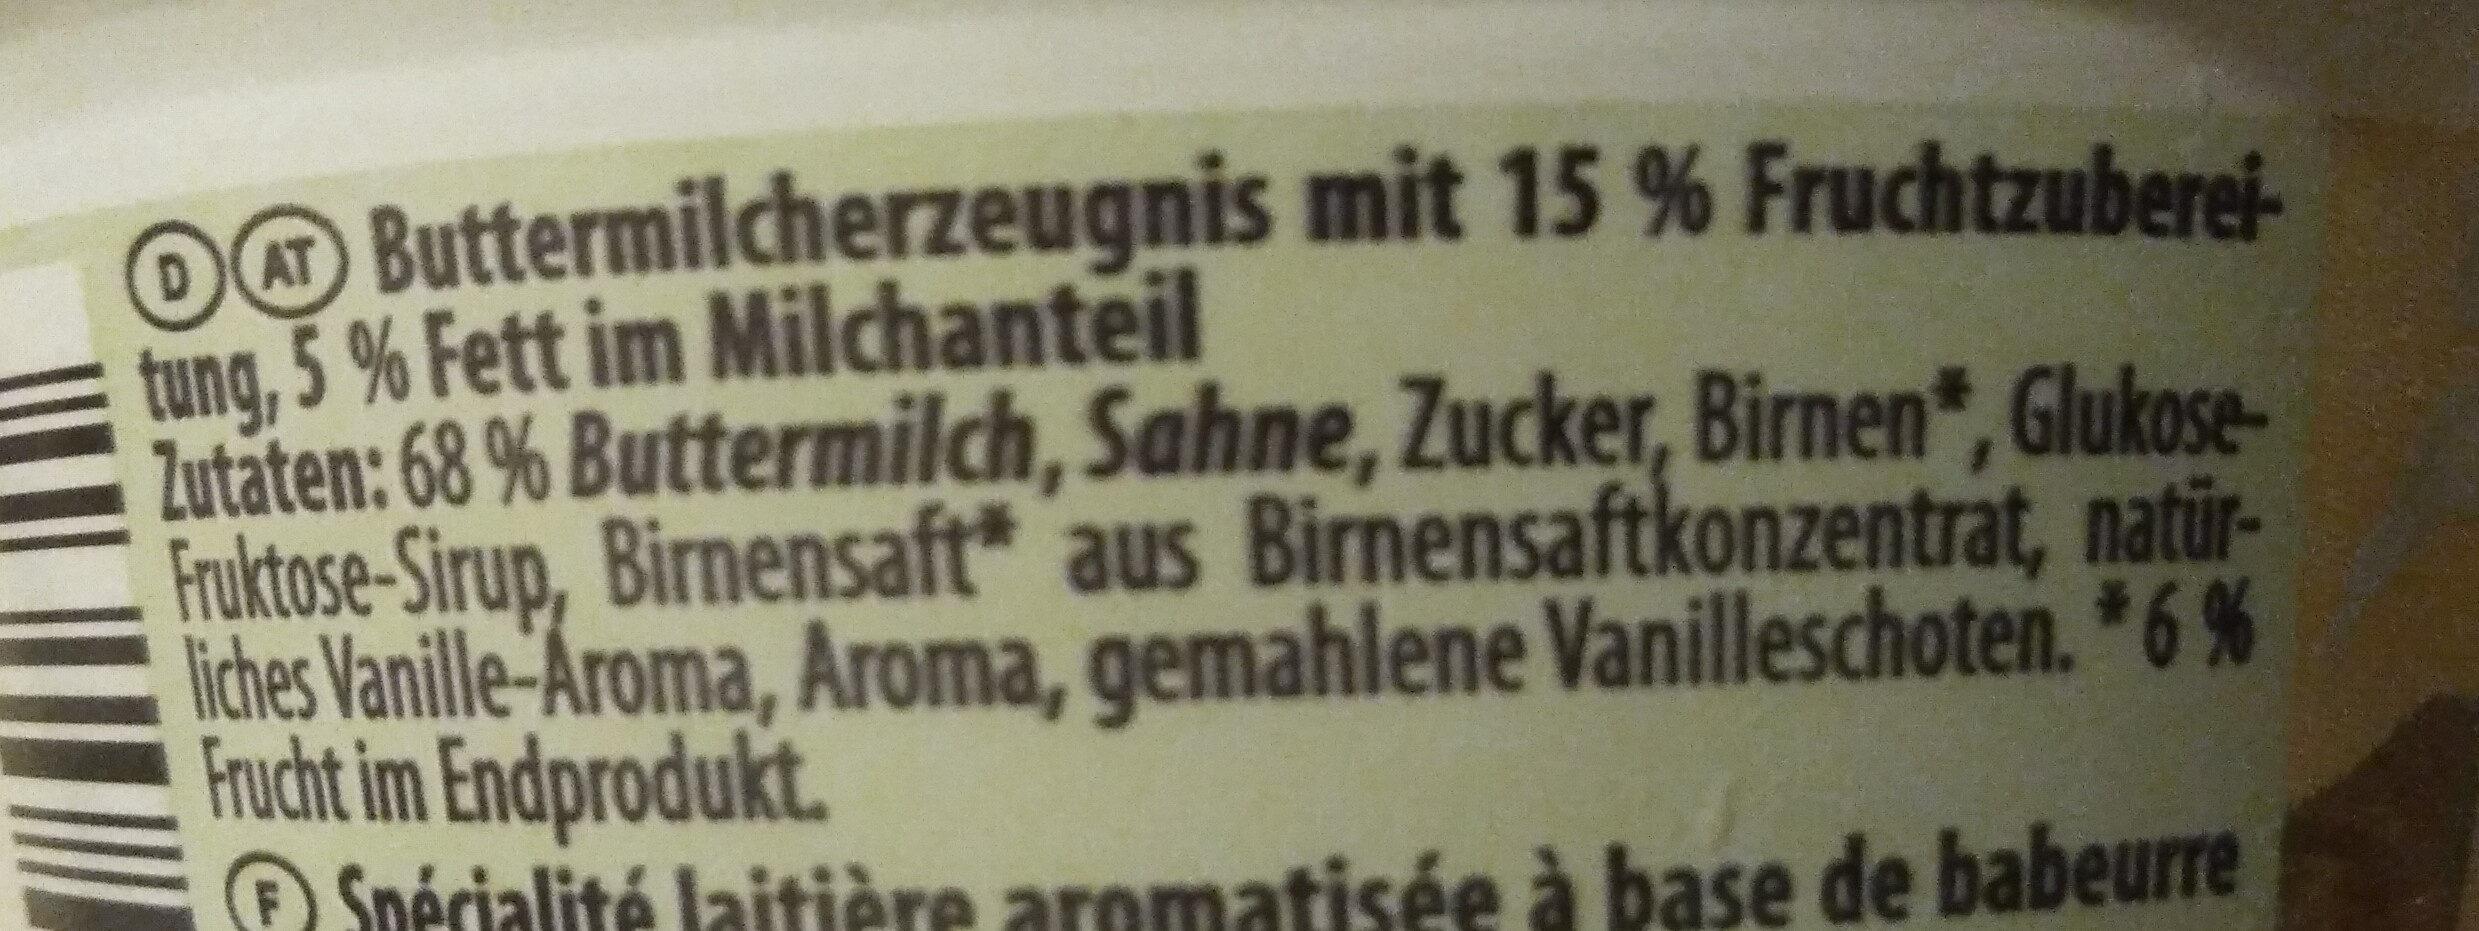 Buttermilch Dessert Birne-Vanille - Ingrediënten - de